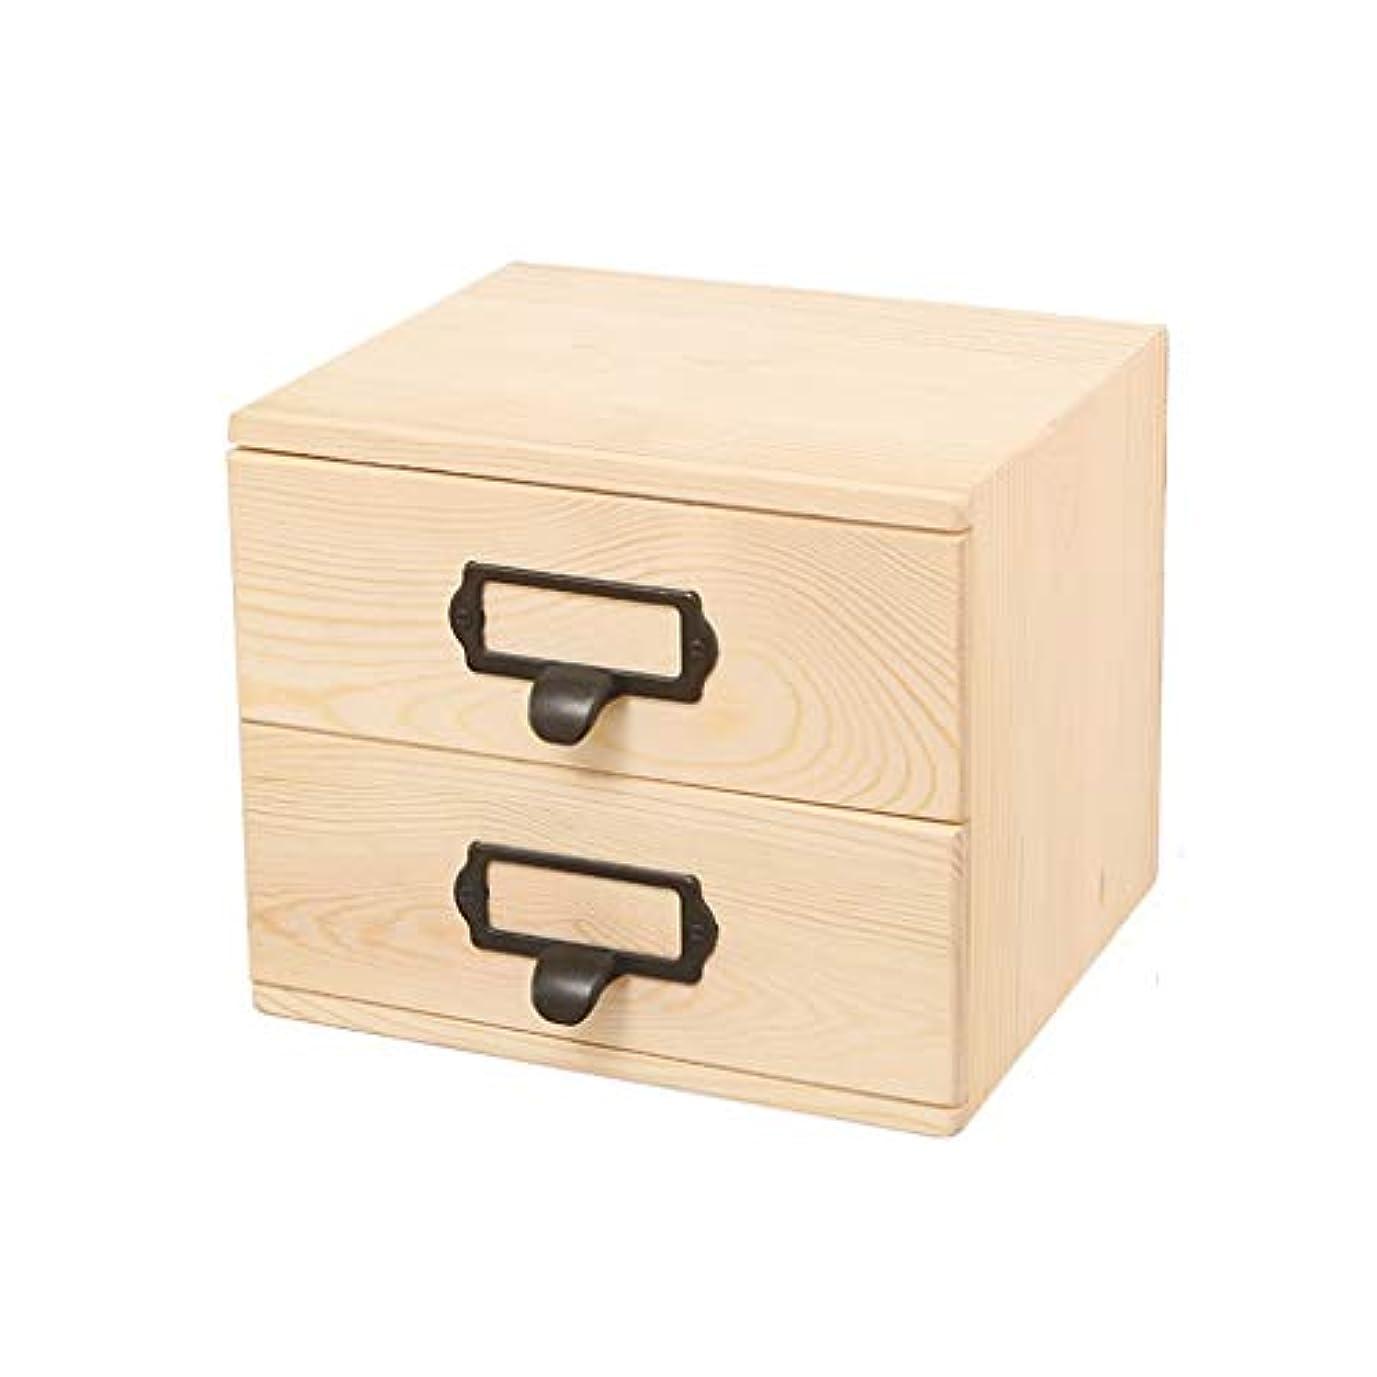 慢な悲しみ反抗TYUIO 60個のスロットエッセンシャルオイル木製ボックス、天然木収納ケース、ディスプレイホルダー、ギフトに最適主催